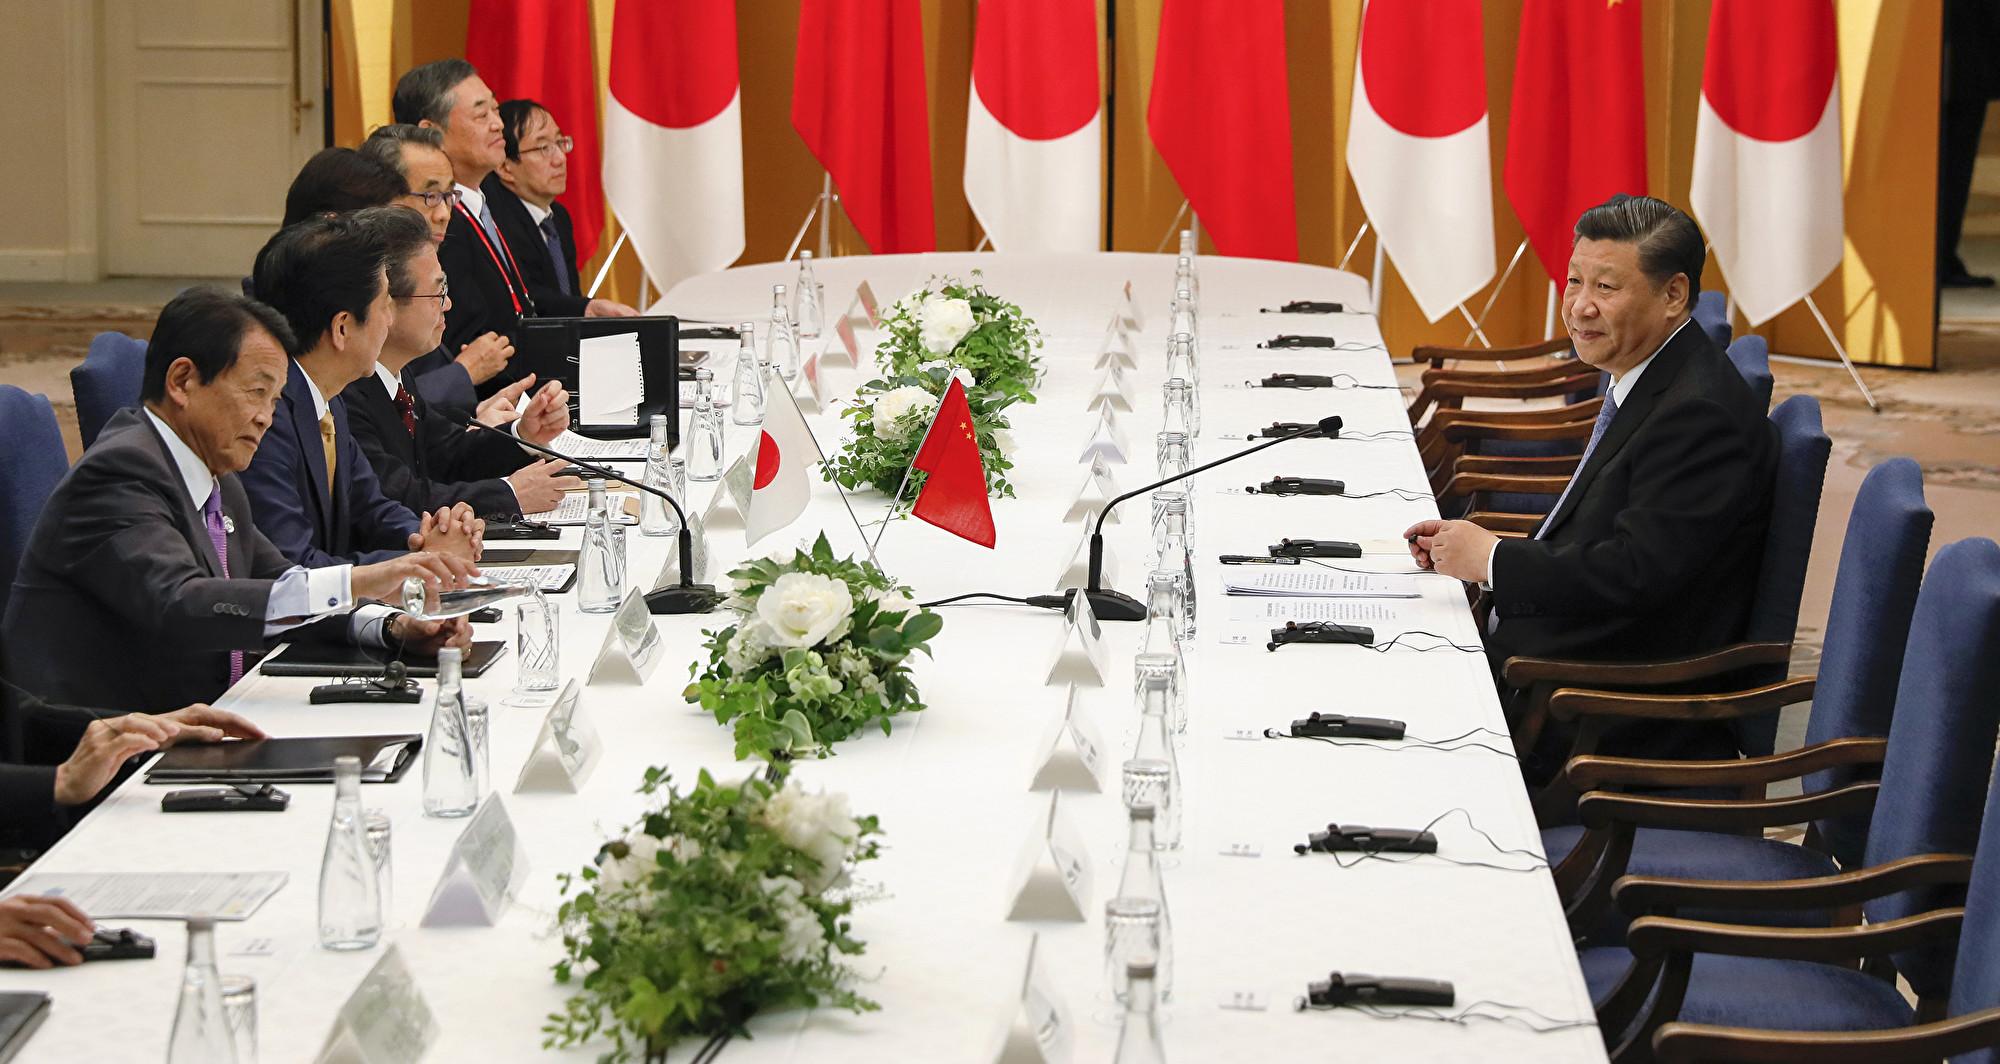 G20峰會期間,習近平與安倍晉三6月27日晚會面,重演「孤獨戰士」的場面。(Kimimasa MAYAMA/various sources/AFP)